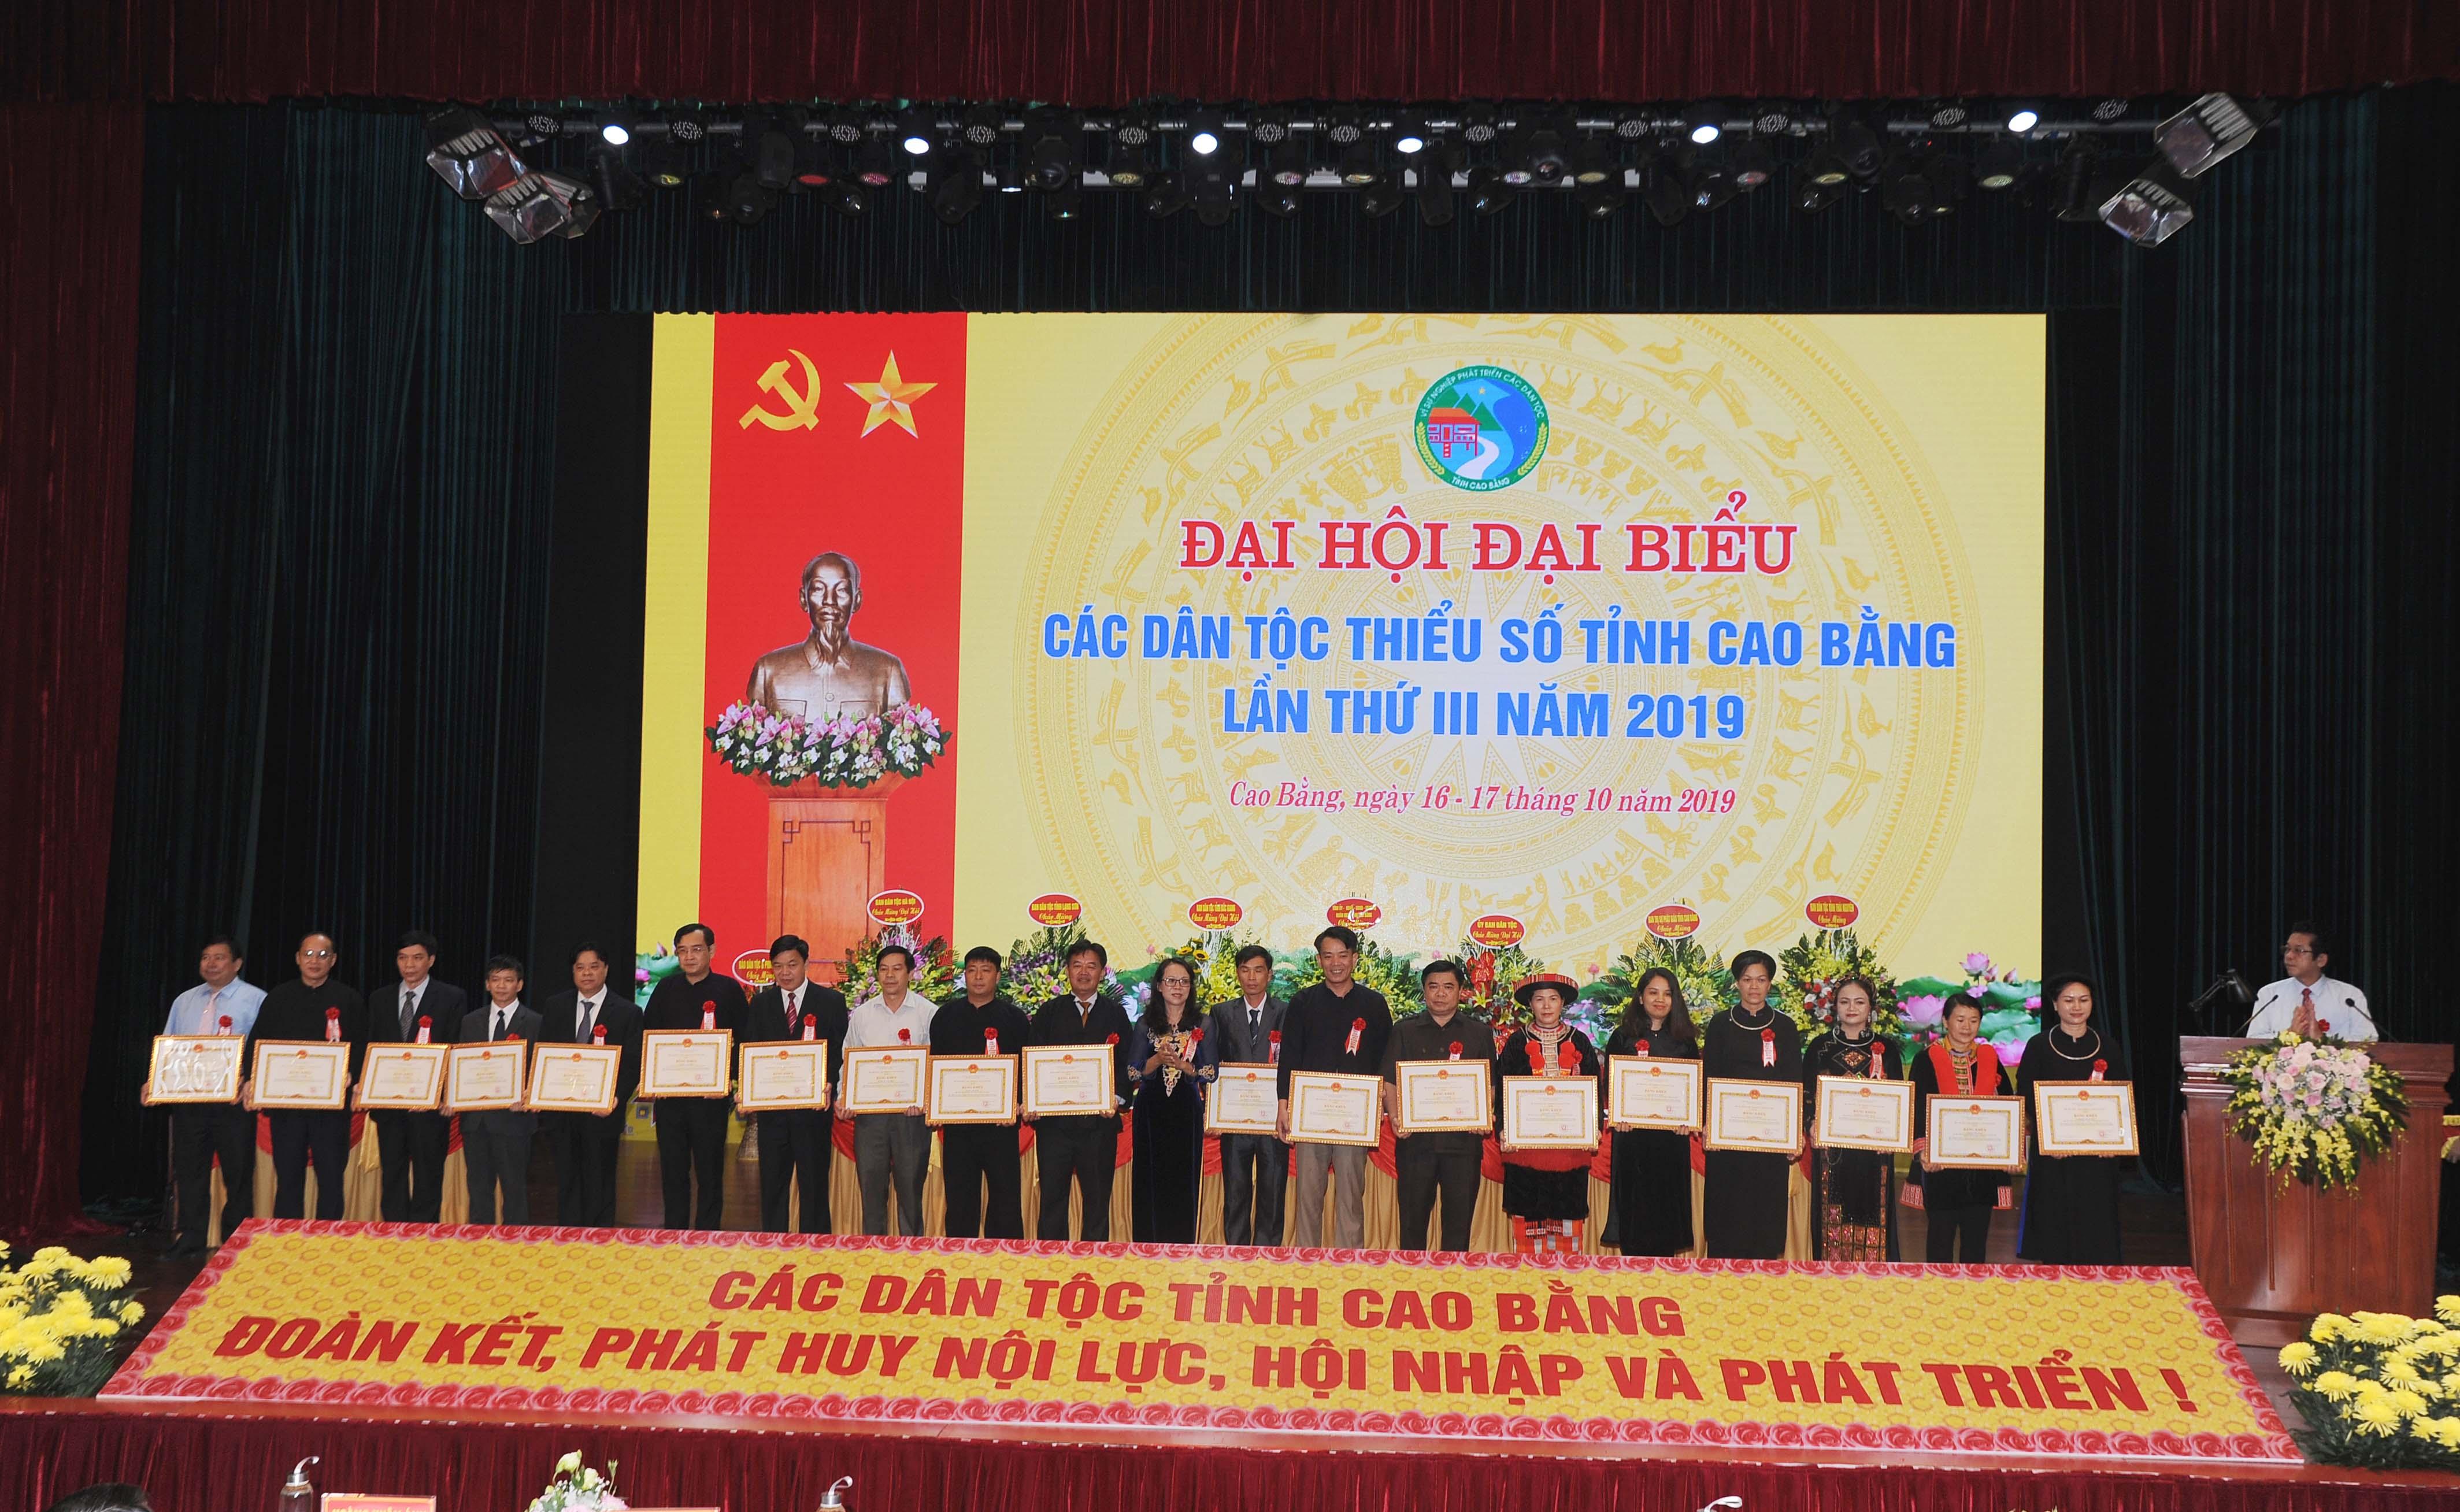 Thứ trưởng, Phó Chủ nhiệm Hoàng Thị Hạnh trao Bằng khen của Bộ trưởng, Chủ nhiệm UBDT cho các cá nhân, tập thể có thành tích xuất sắc trong thực hiện công tác dân tộc, chính sách dân tộc.